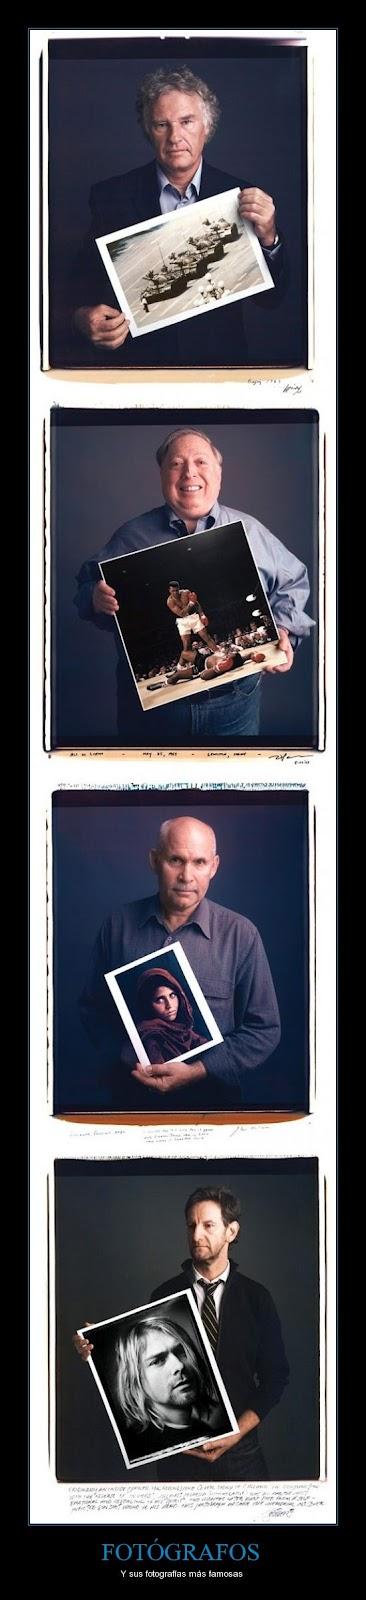 Fotografos y sus fotografias